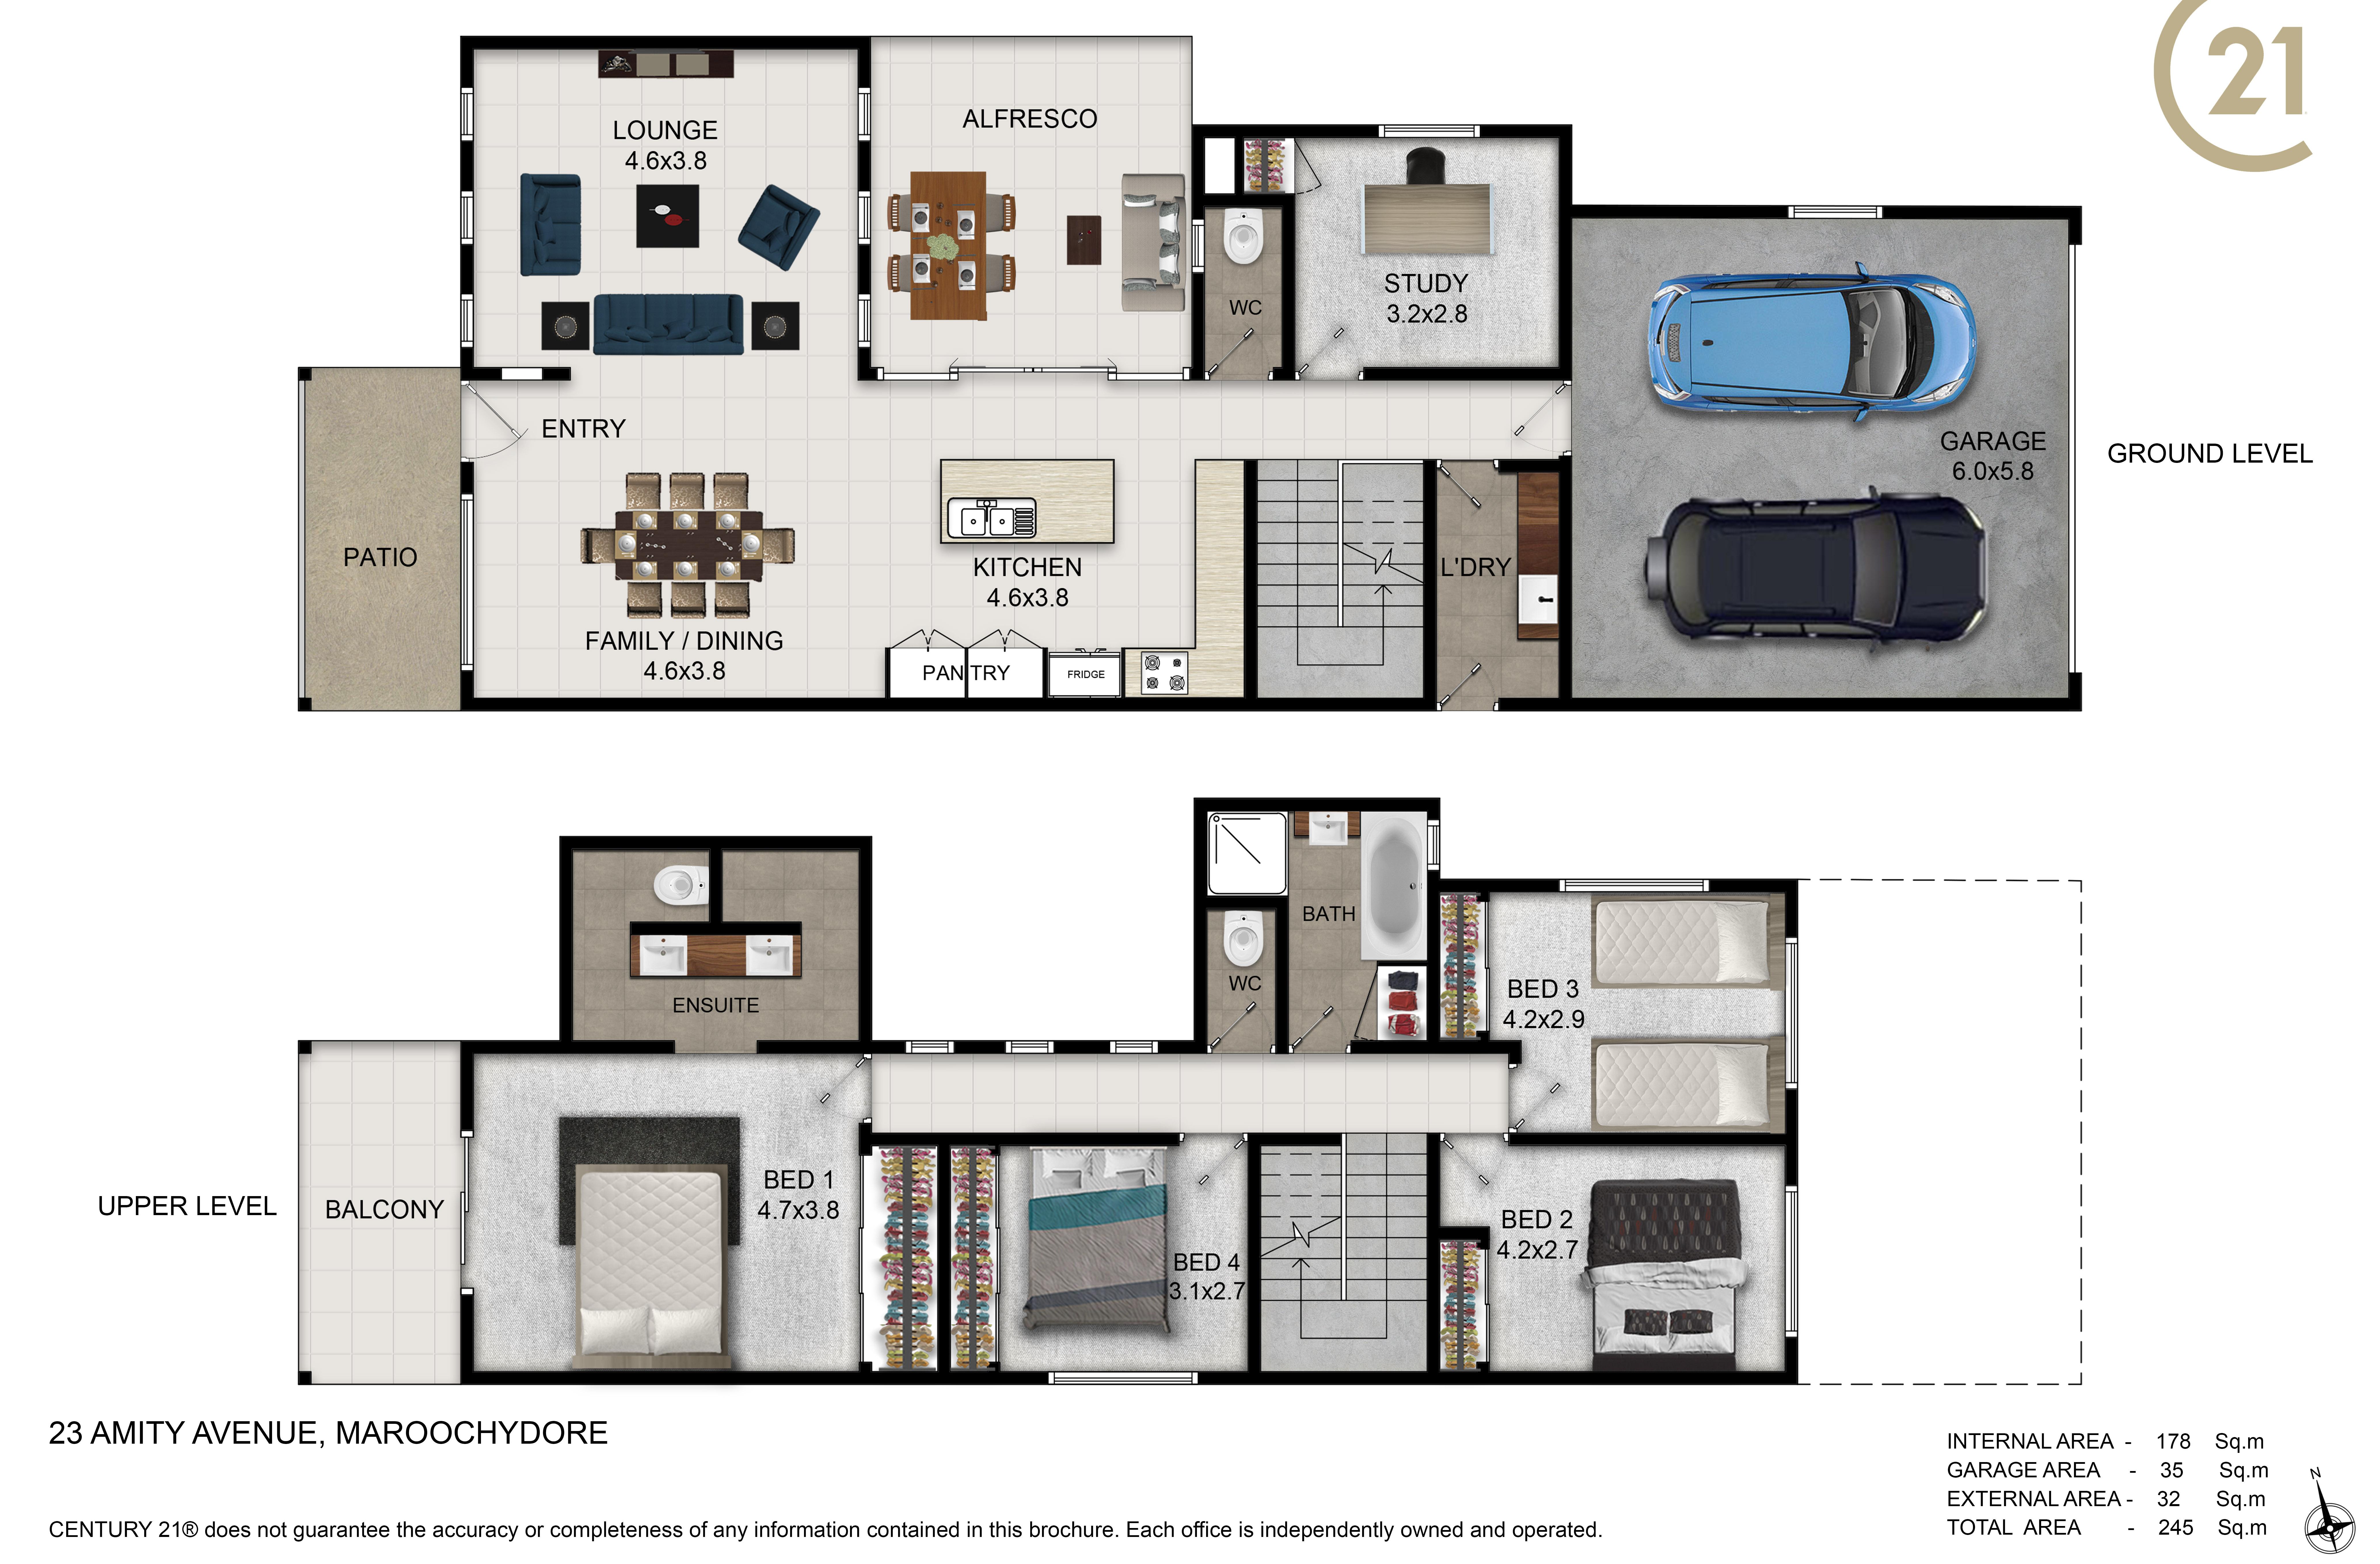 House Sold - 23 Amity Avenue, Maroochydore